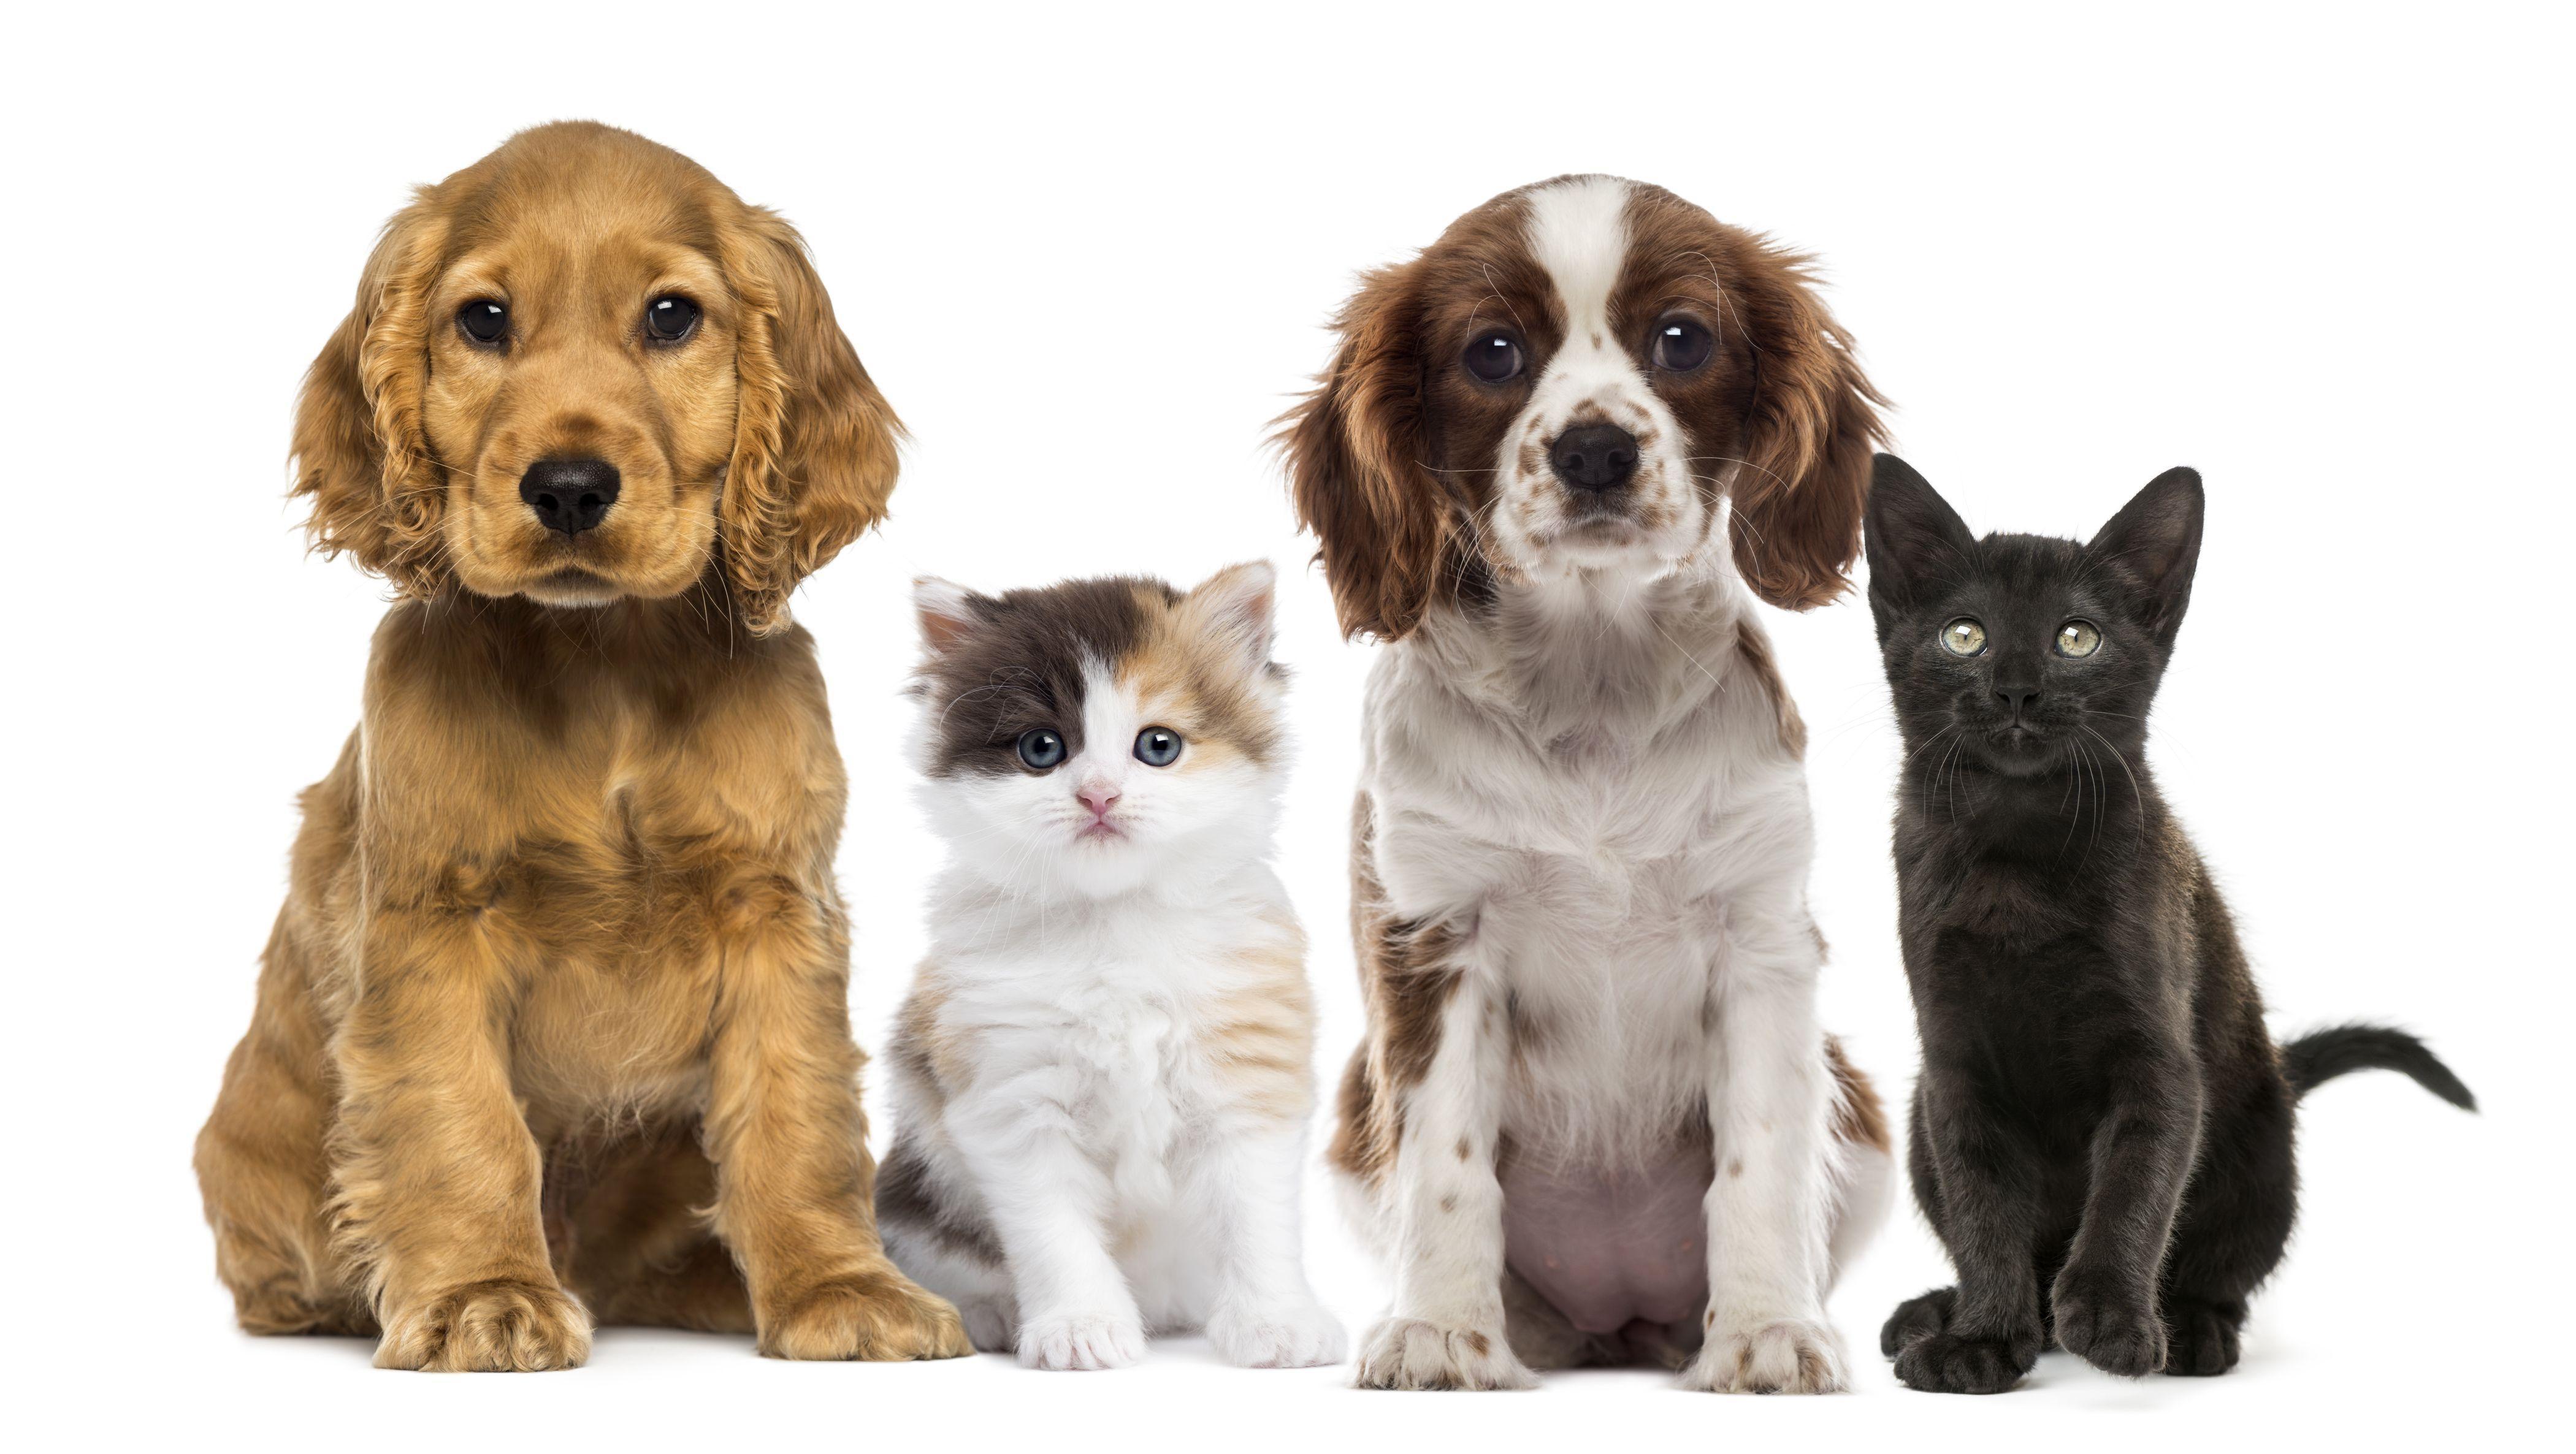 4201x2372 Hình nền mèo & chó, Hình ảnh, Hình ảnh